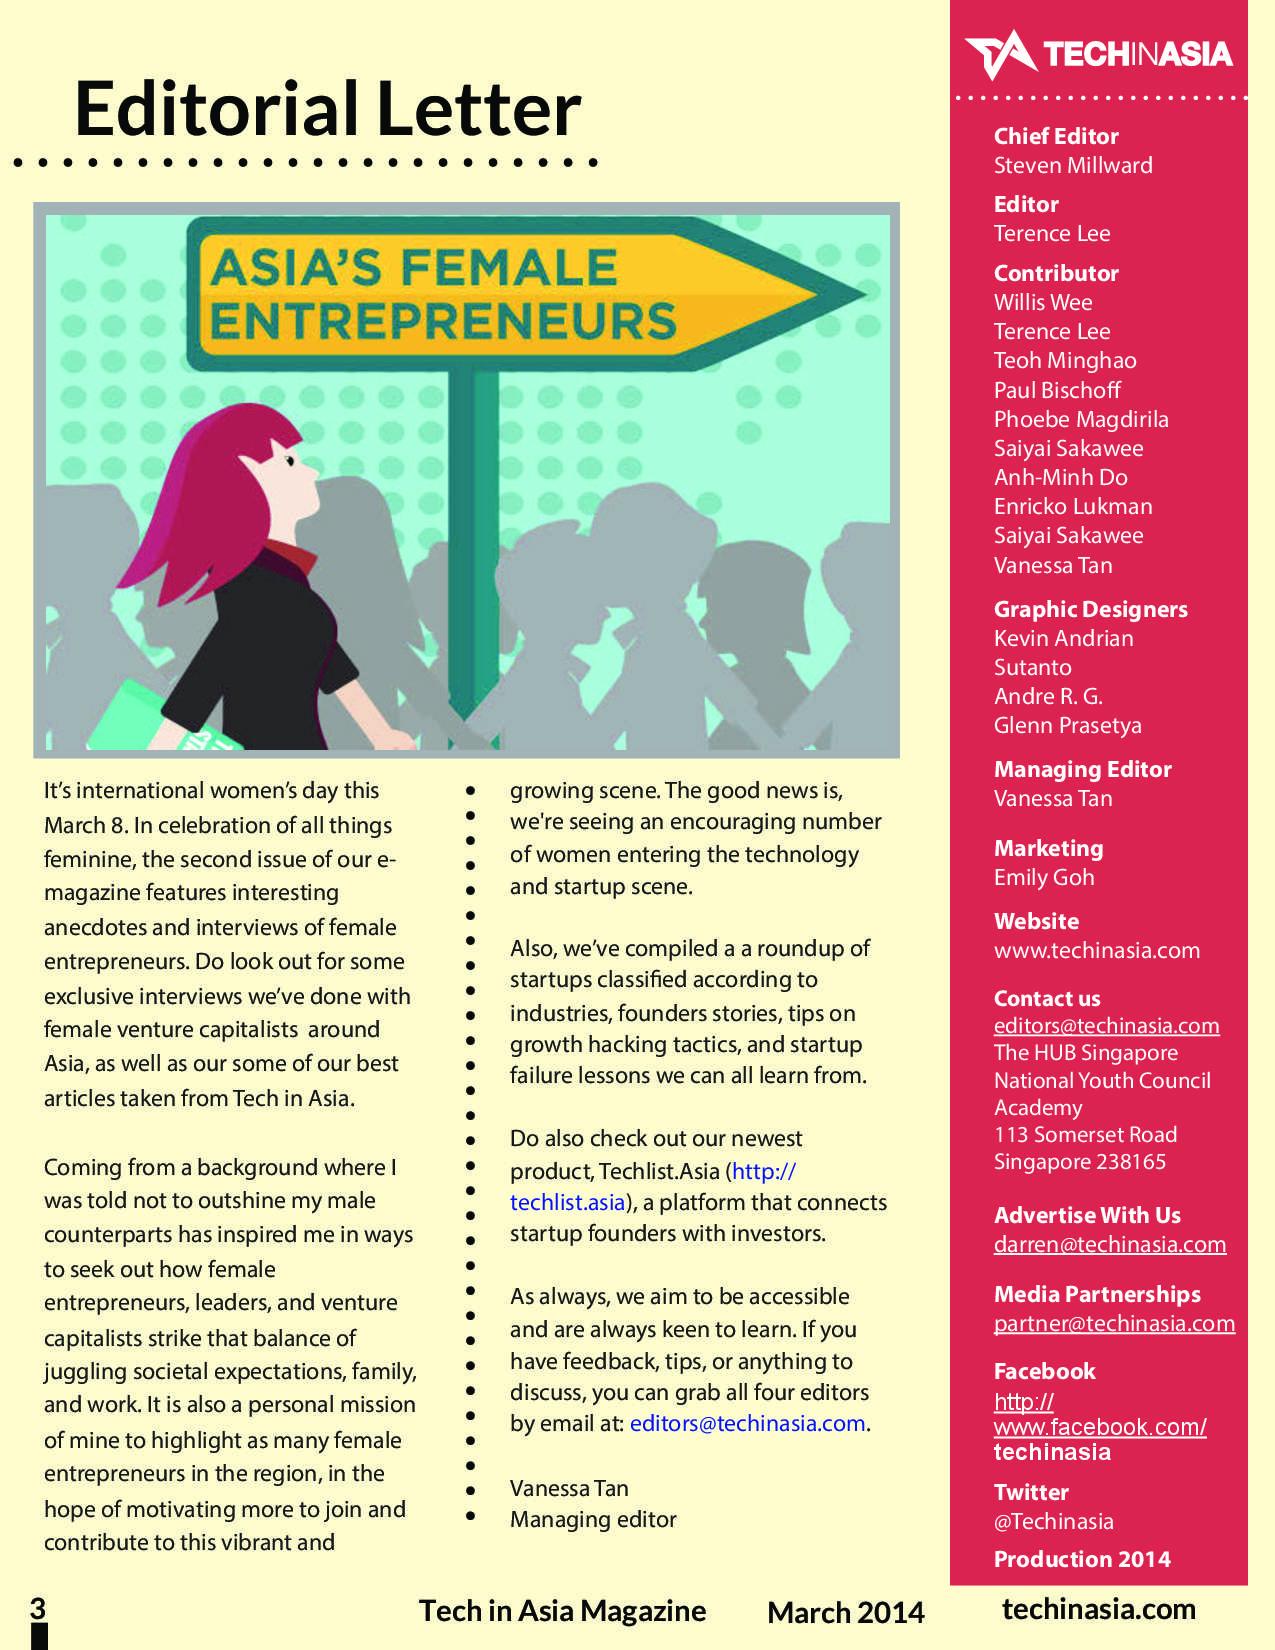 jual majalah tech in asia ed 02 2014 gramedia digital indonesia